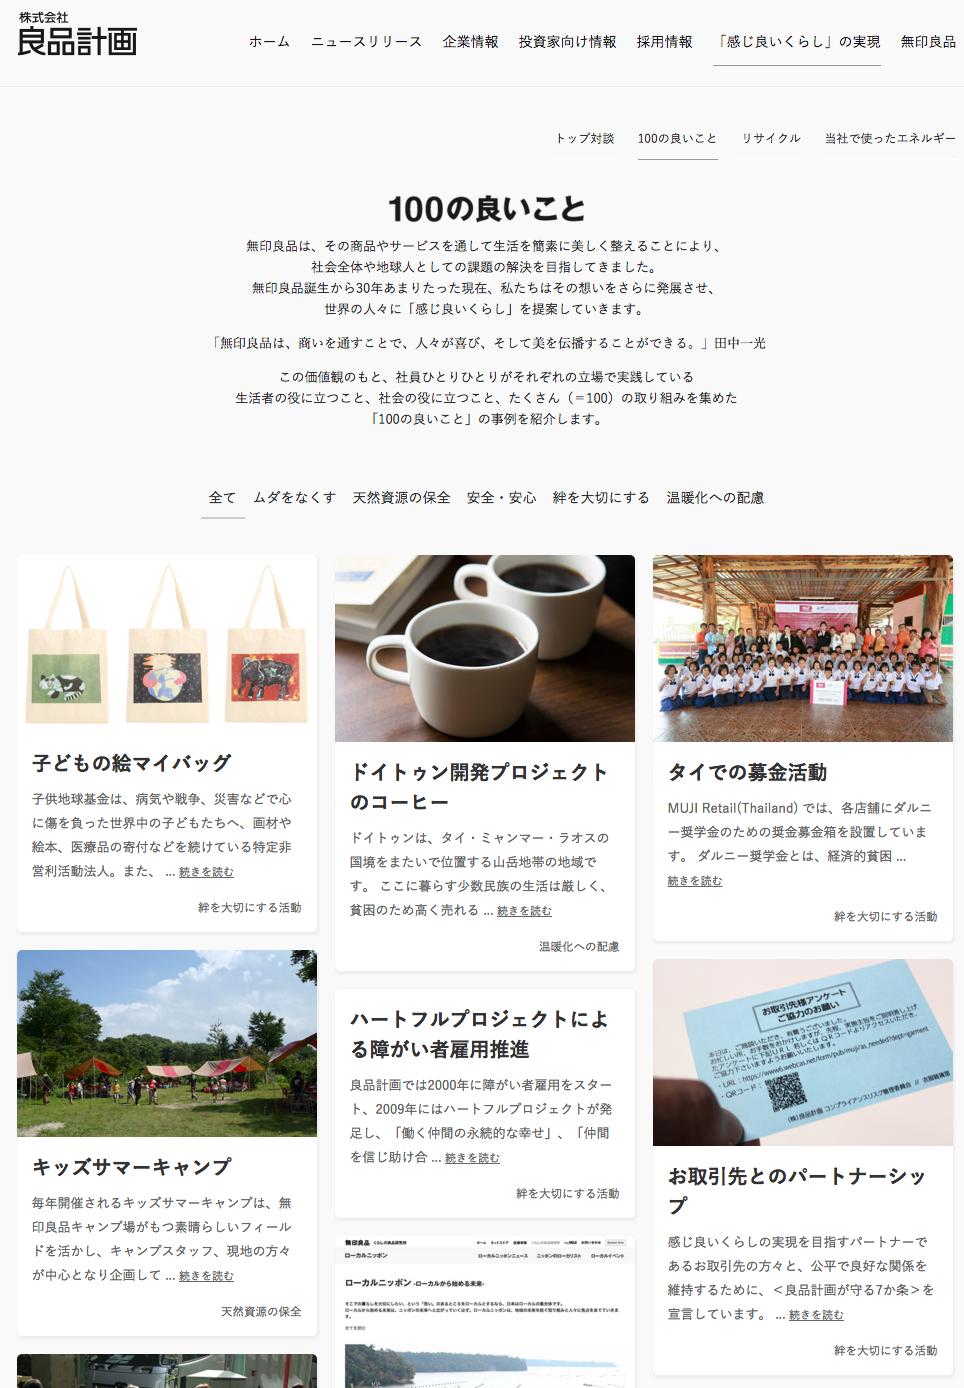 screenshot-ryohin-keikaku.jp 2016-03-11 09-56-56.png